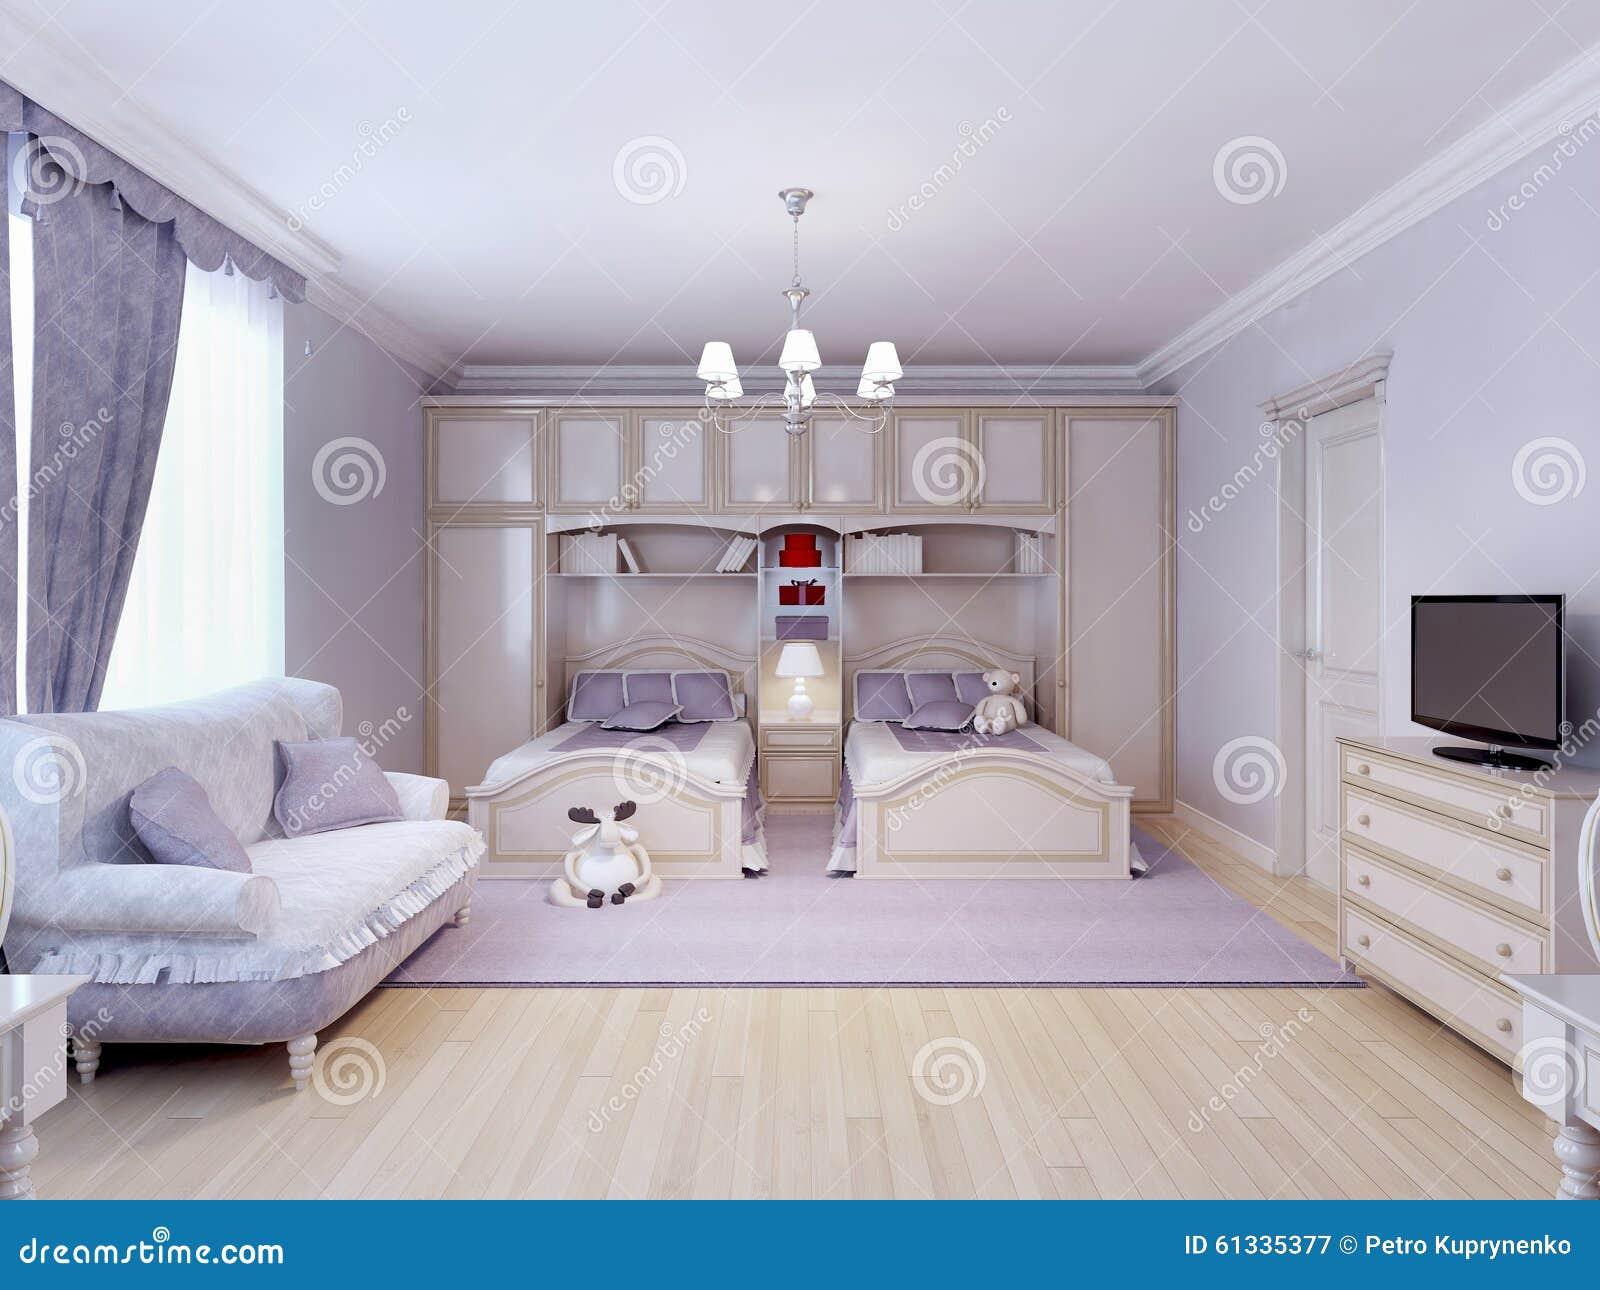 Chambre coucher d 39 enfant pour deux illustration stock - Chambre a coucher enfant ...